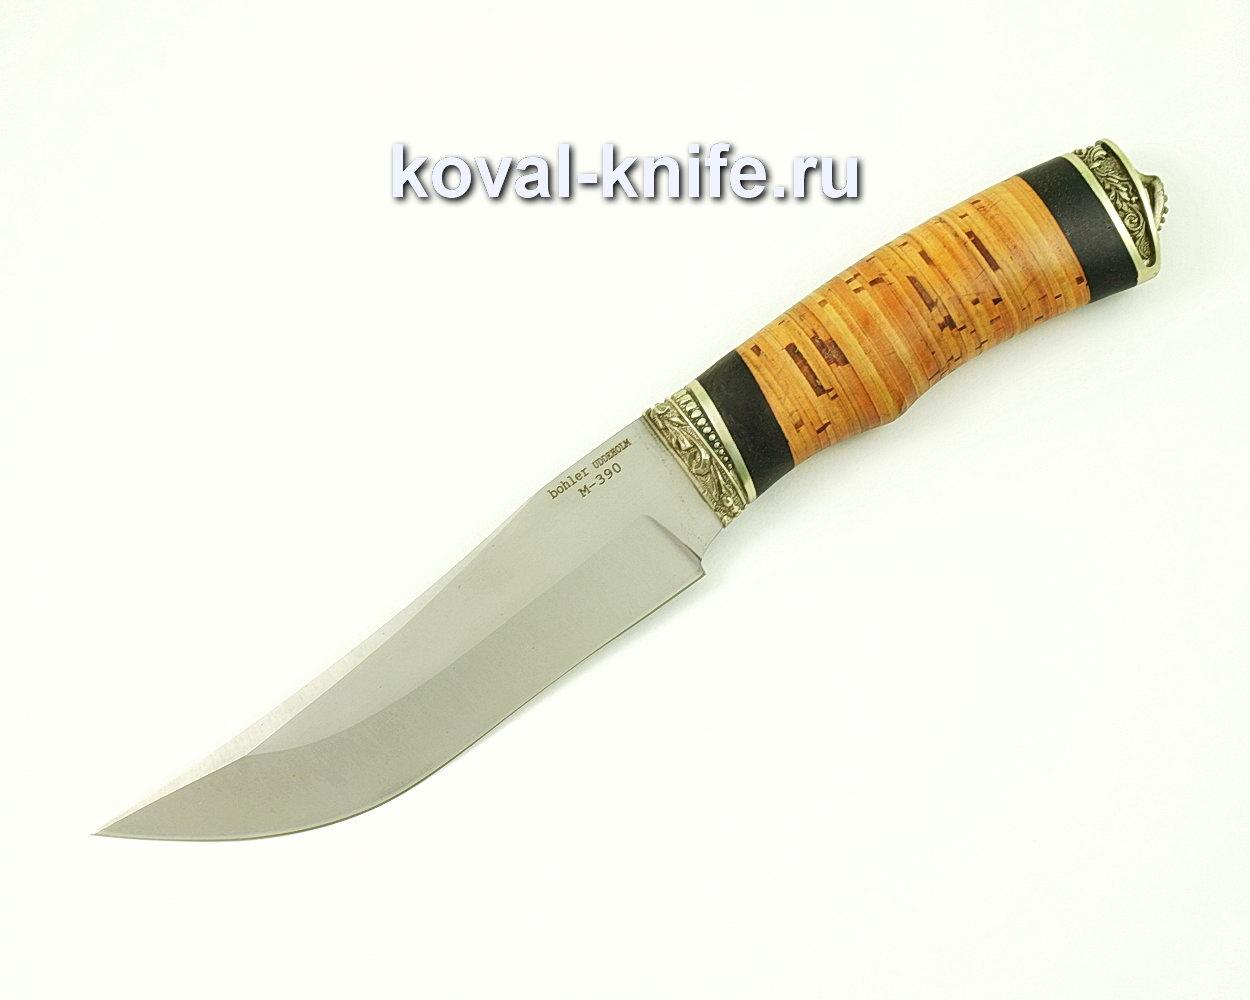 Нож Клыч из порошковой стали M390 (рукоять береста и граб, литье мельхиор) A389